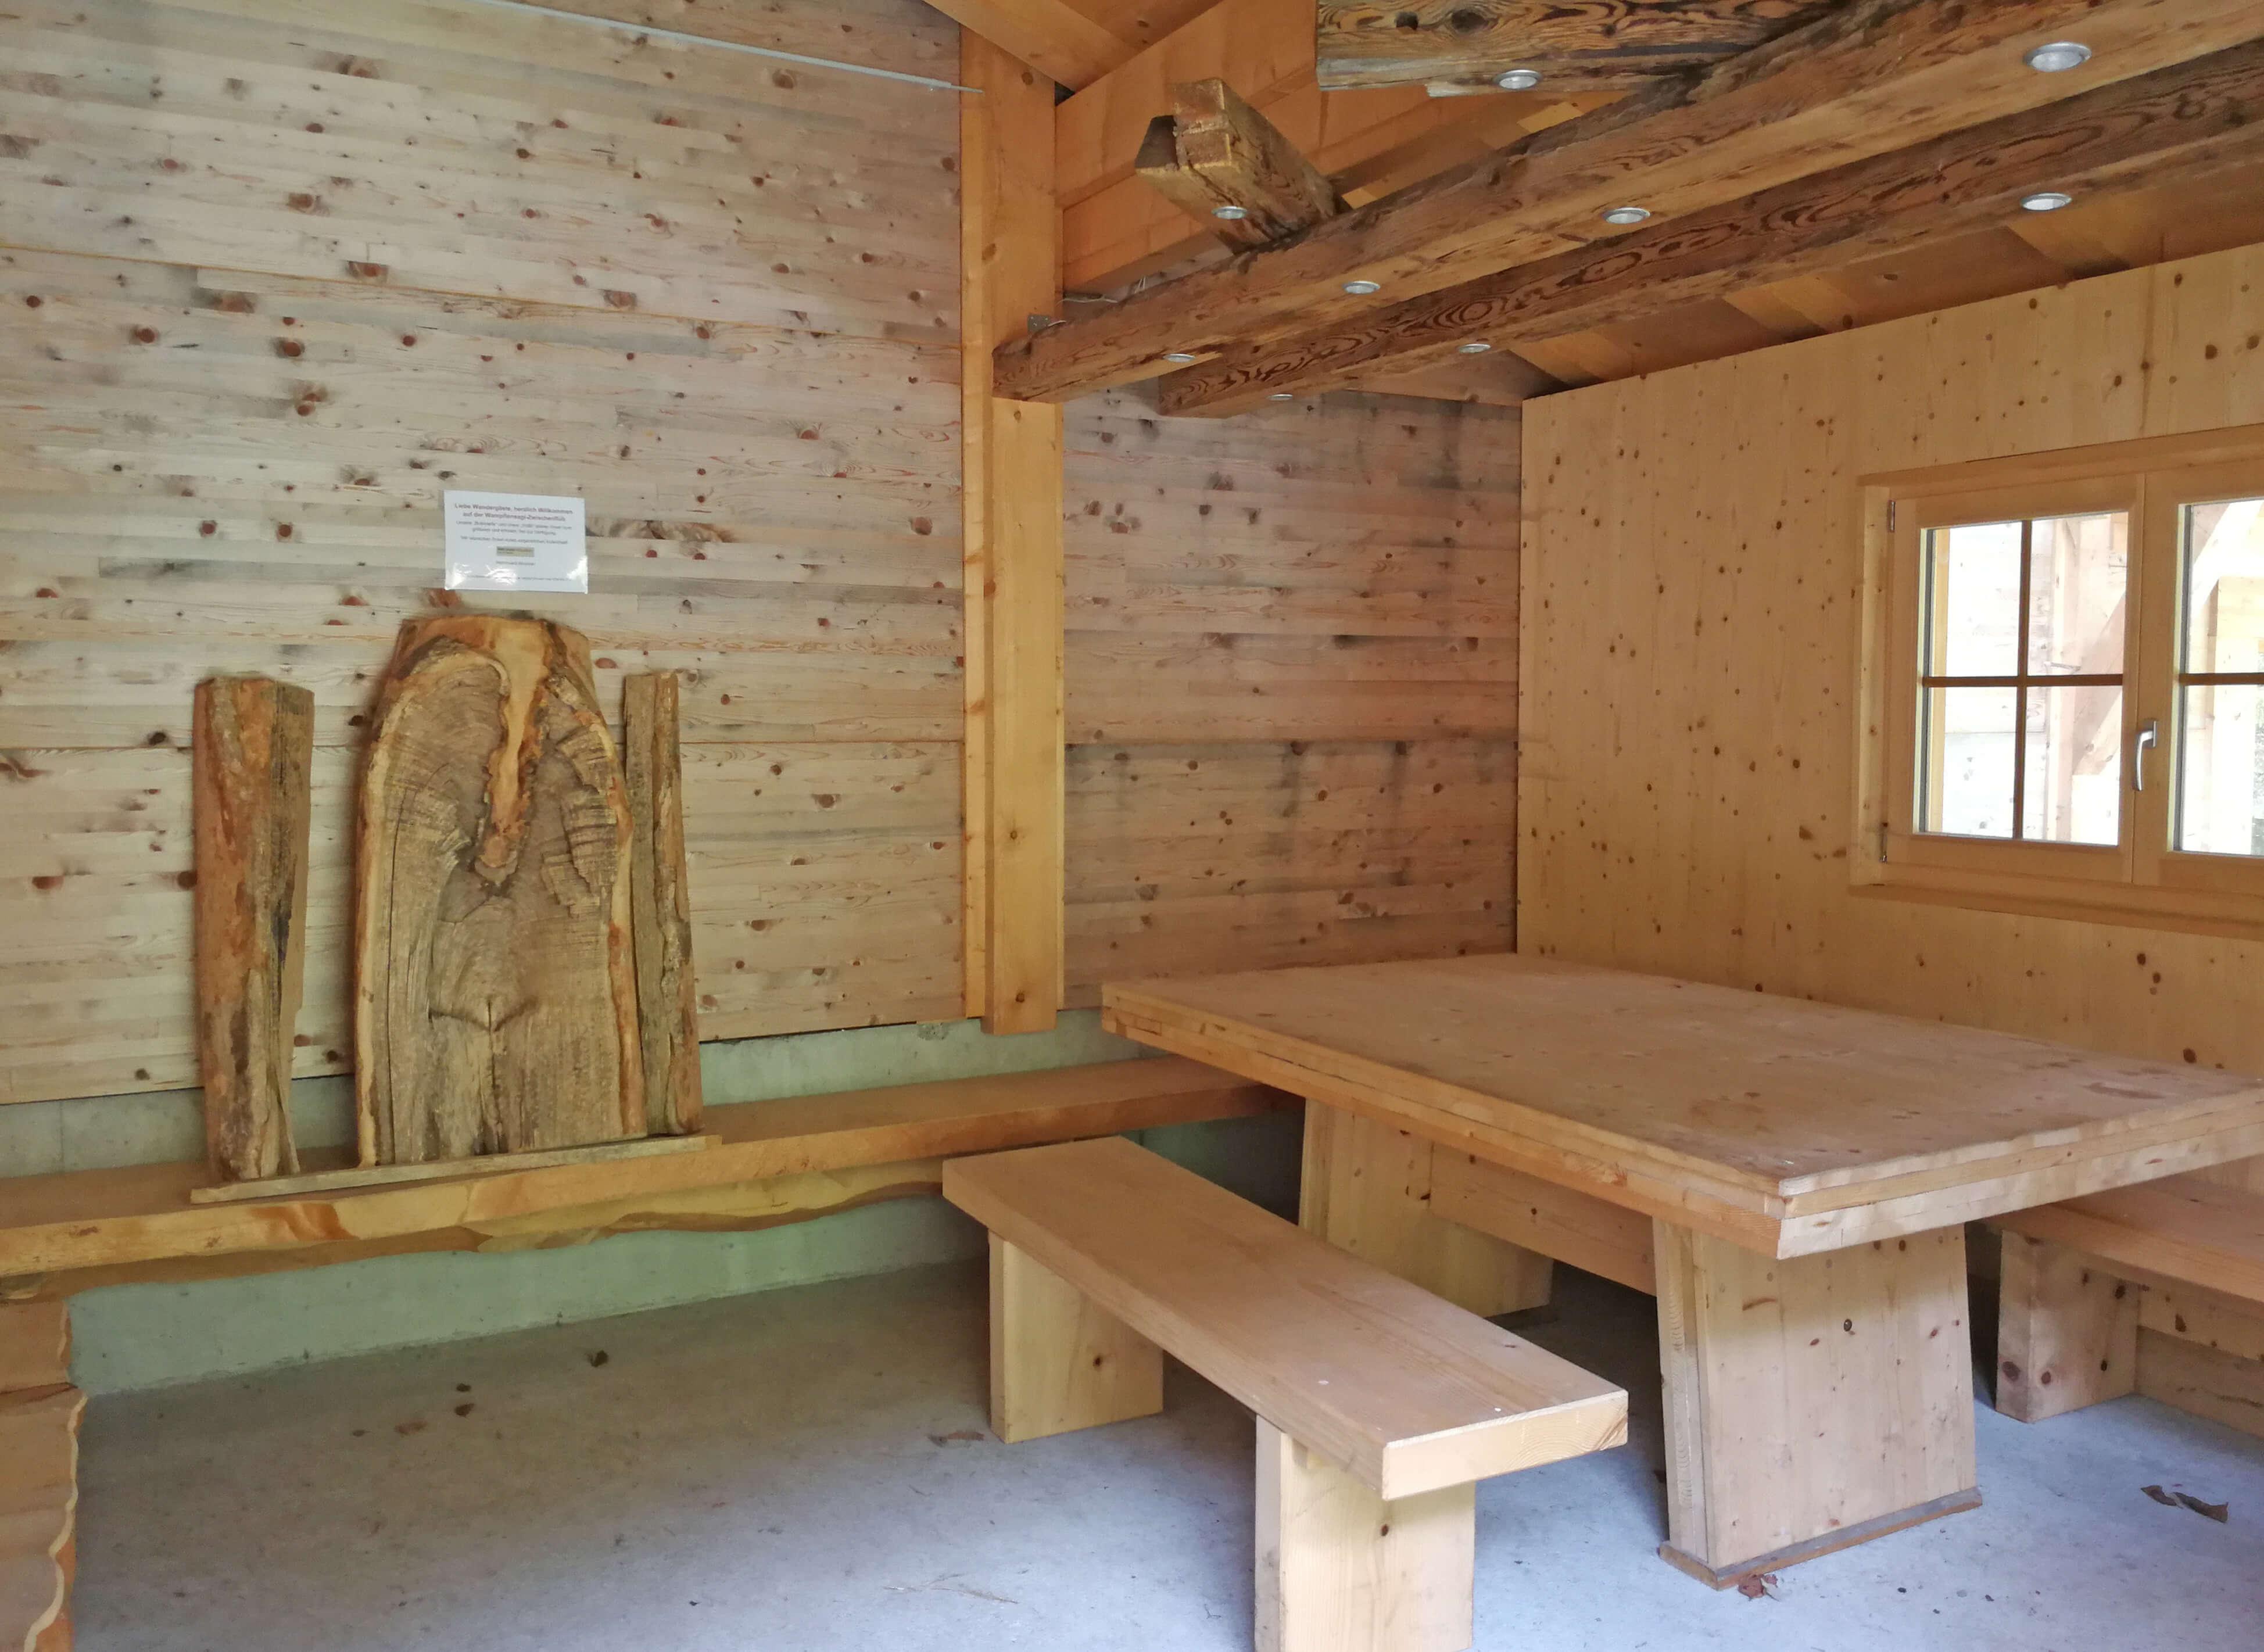 Grosser Tisch im Innern der Hütte